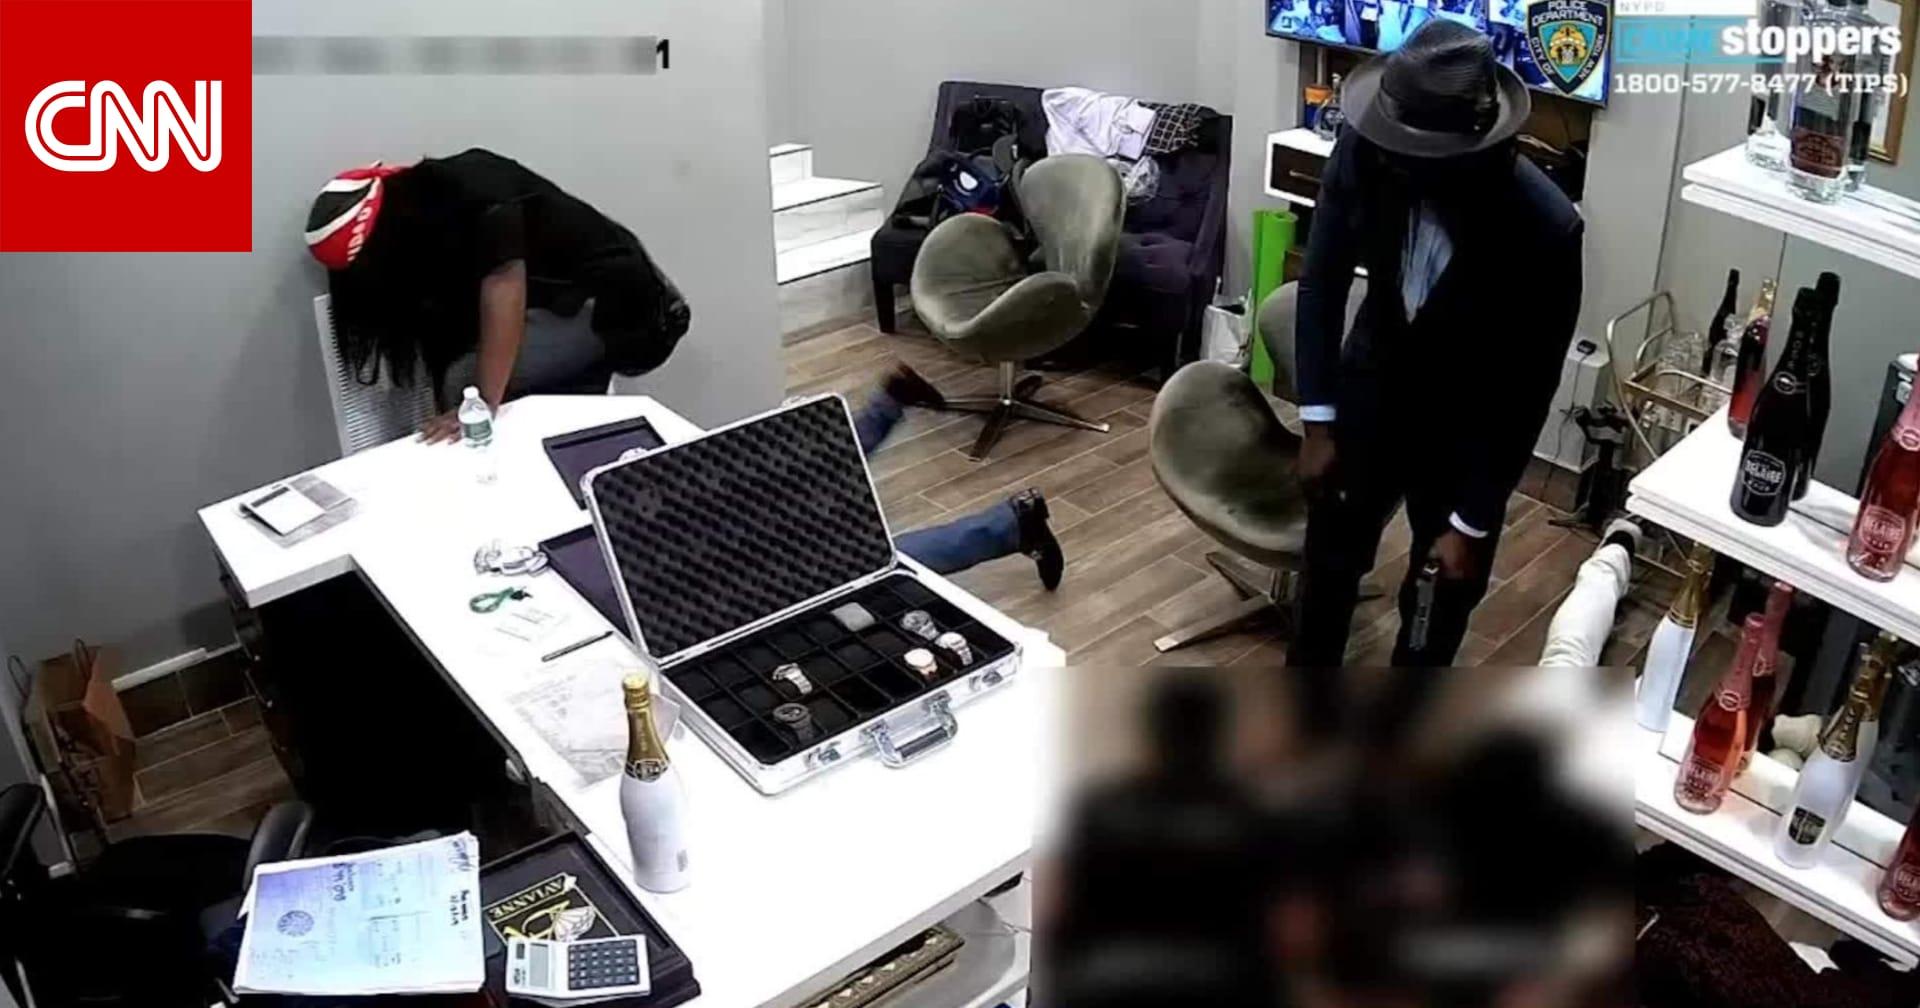 كاميرا توثق عملية سطو مسلح لمتجر مجوهرات في نيويورك